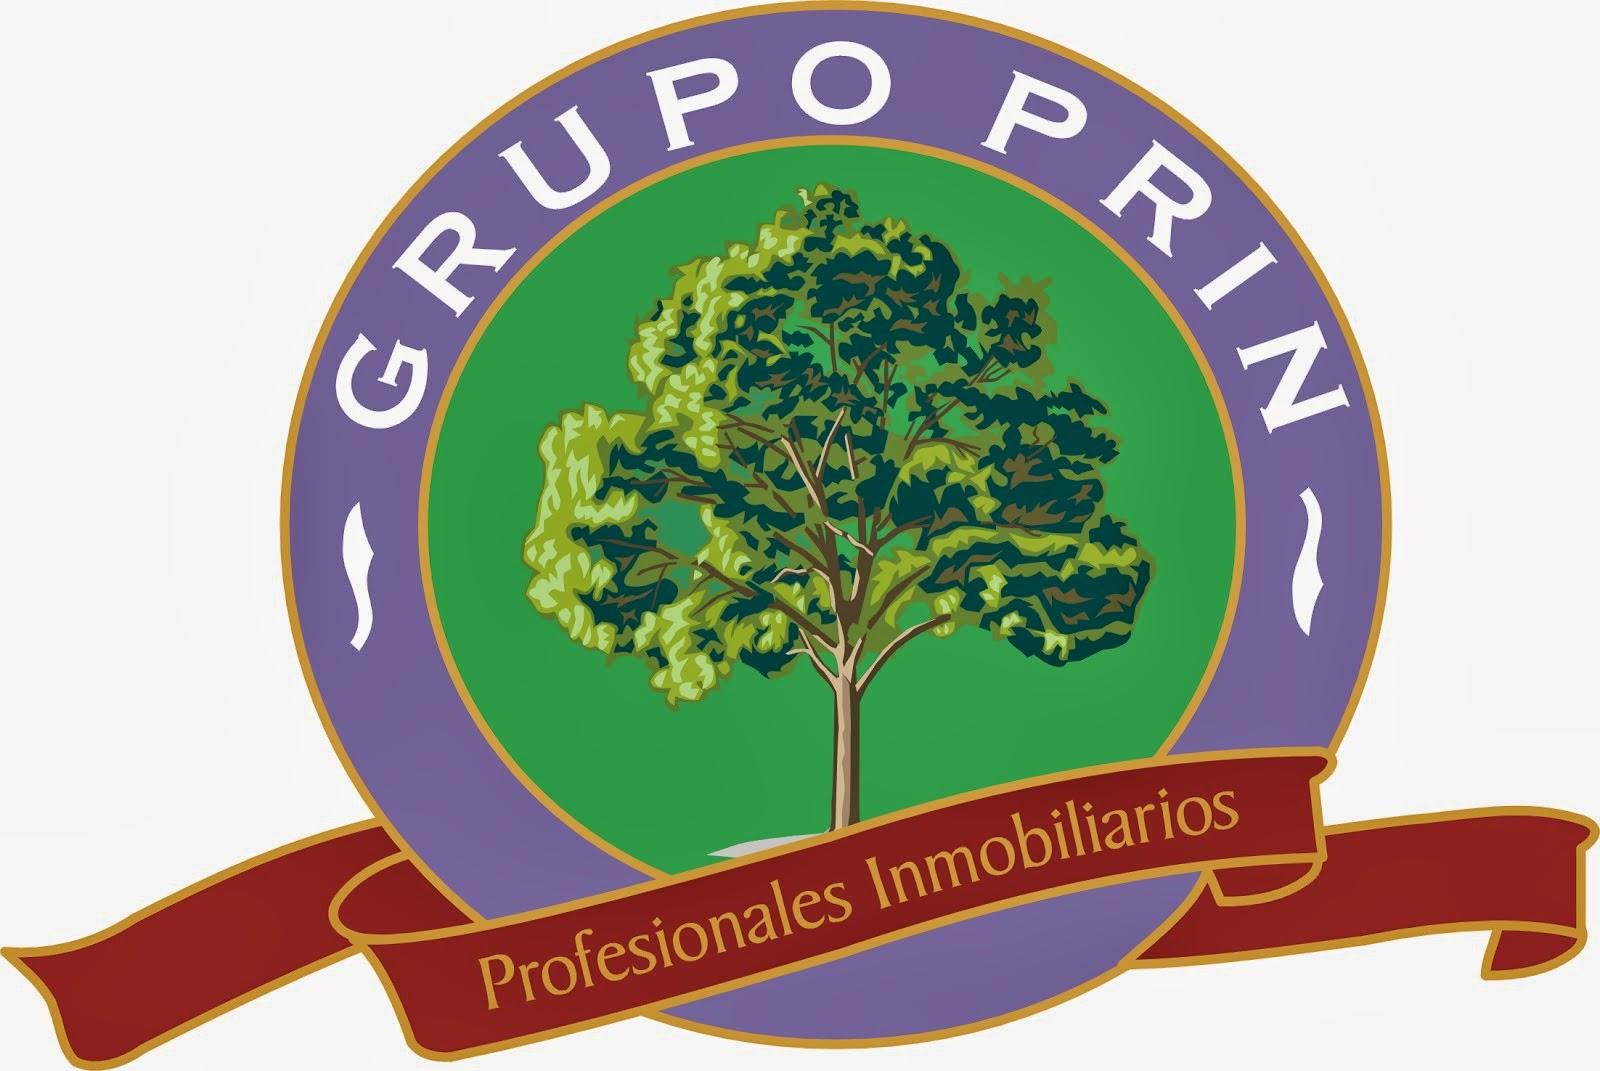 Integrante del Grupo PRIN